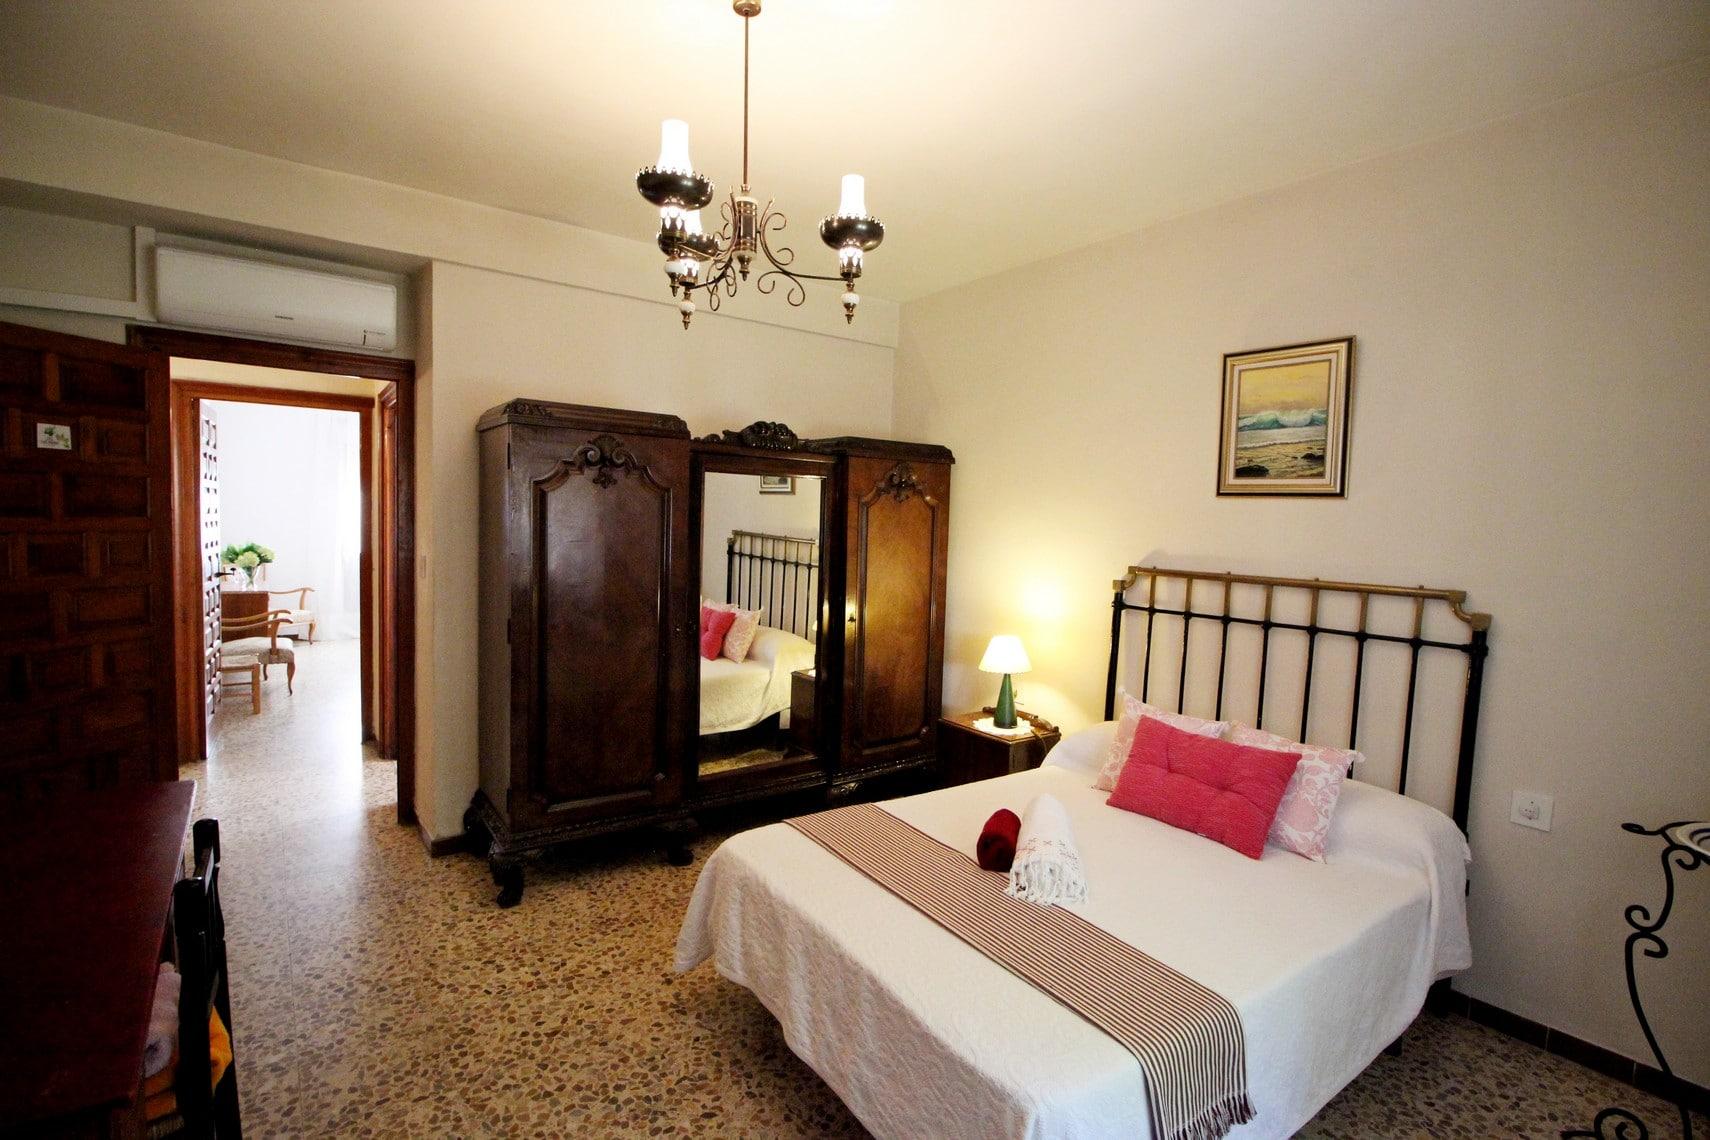 habitación5_las_hazas jarandilla011